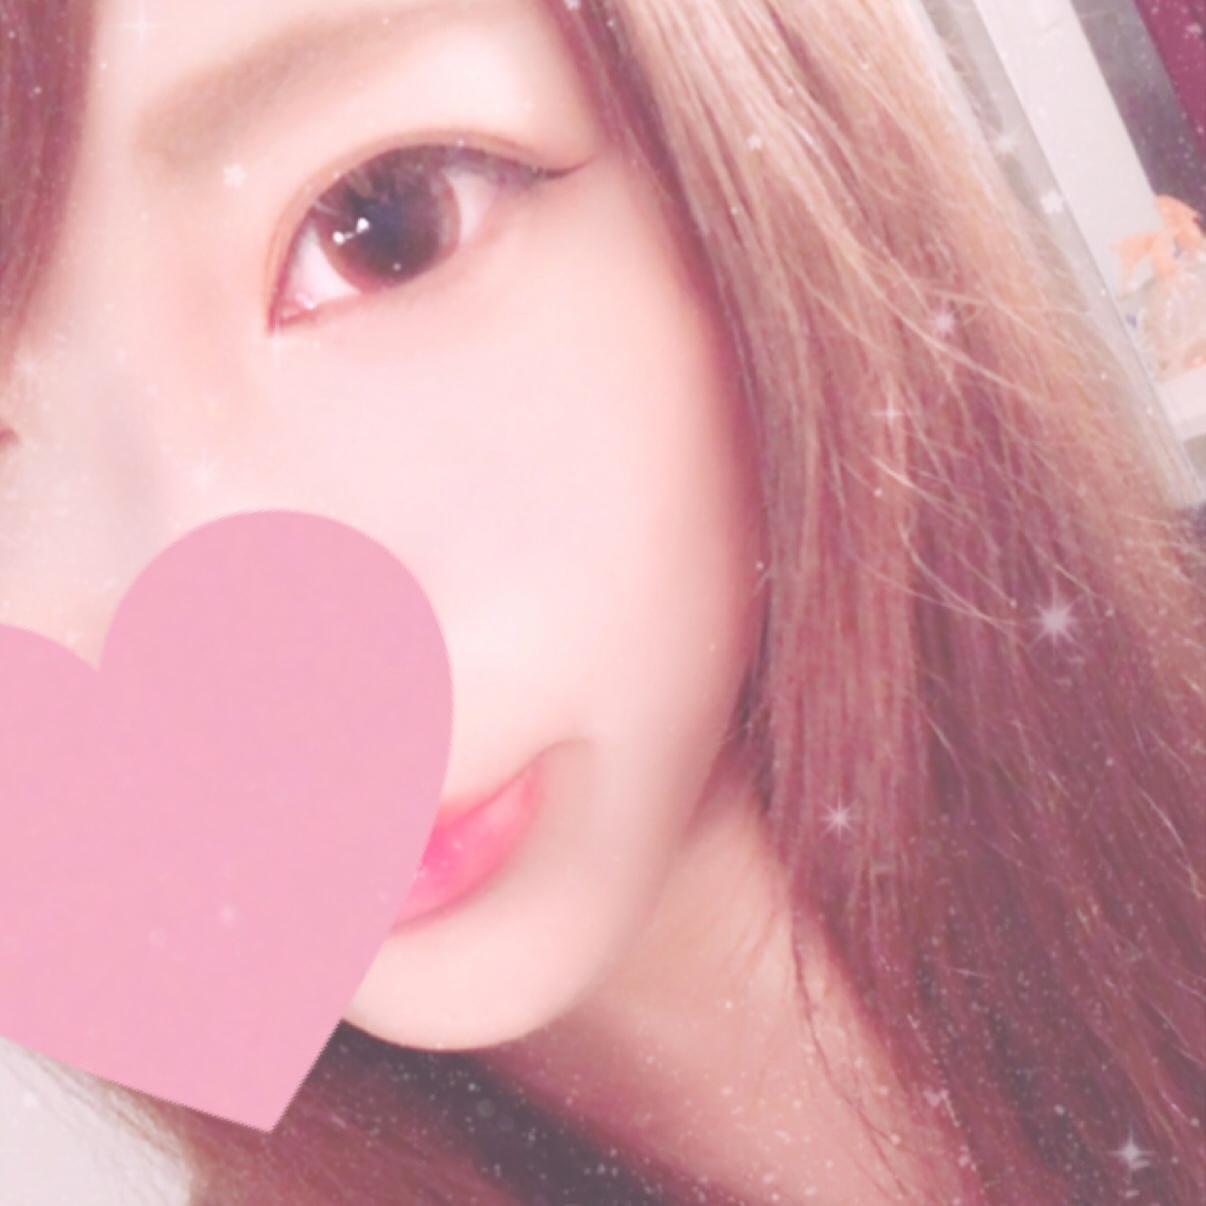 「❁」09/18(火) 20:47 | ユアの写メ・風俗動画